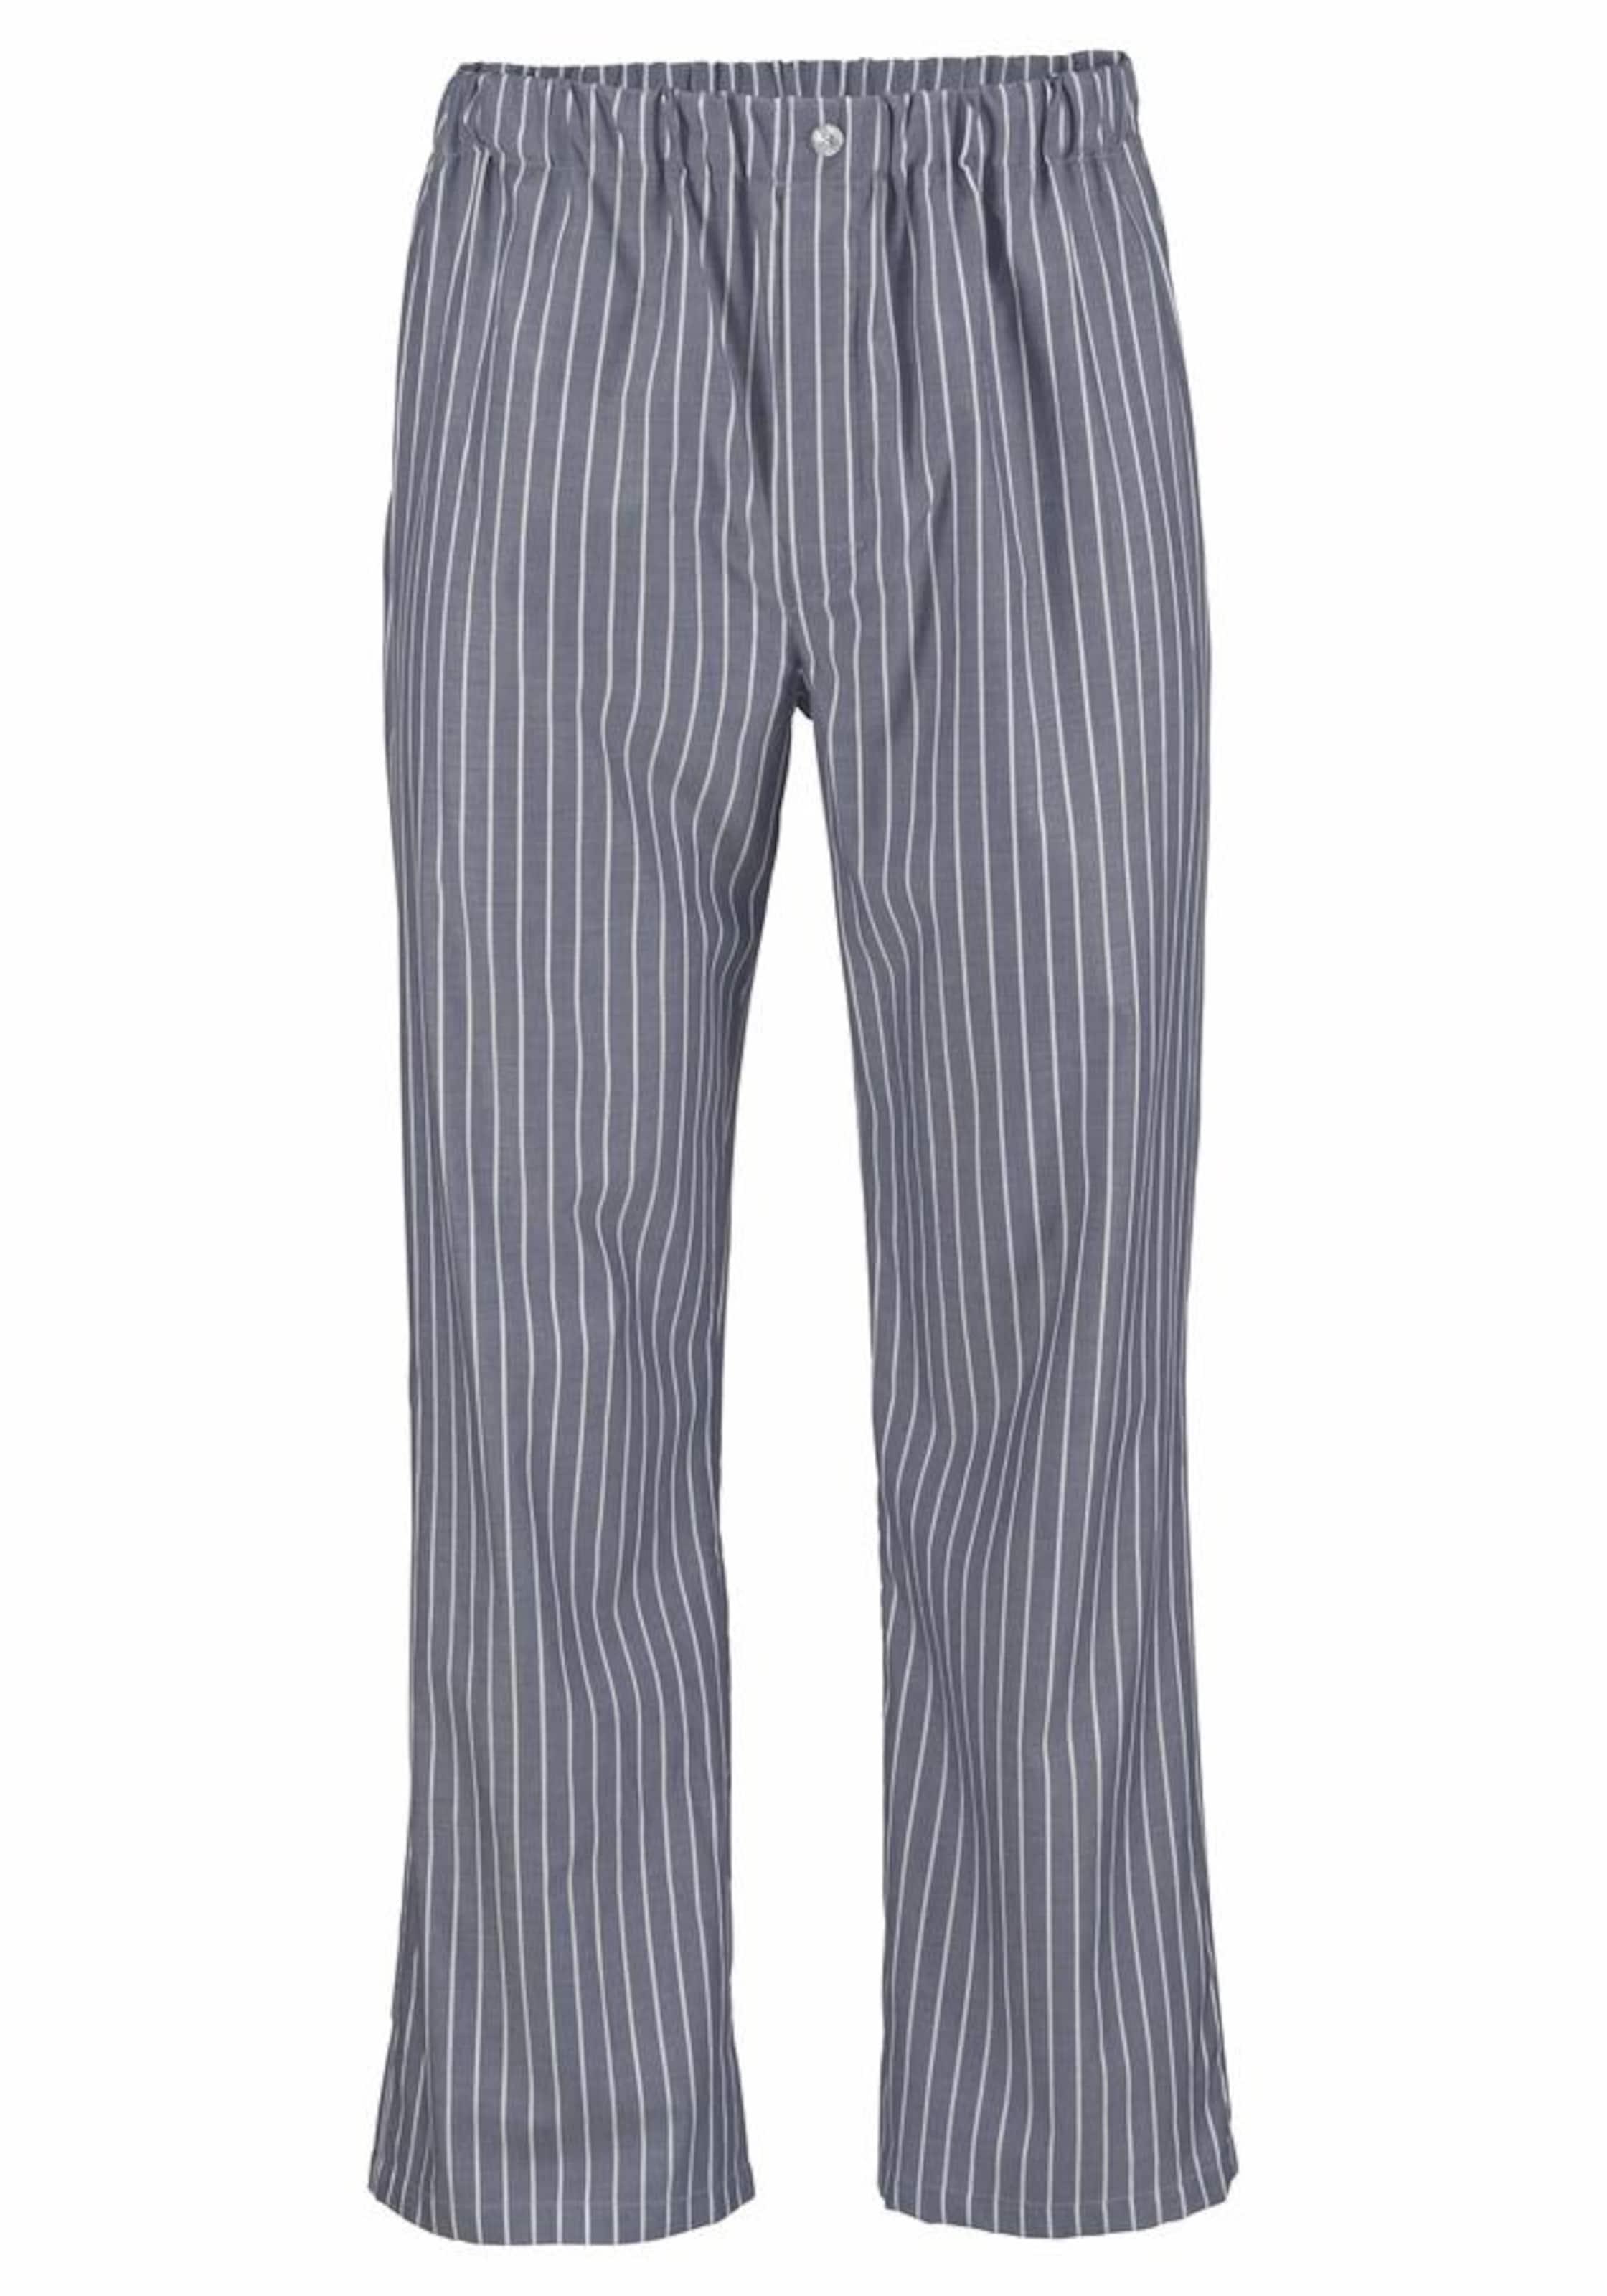 SEIDENSTICKER Web Pyjama lang mit Streifen Billige Breite Palette Von Billig Verkauf Versand Niedriger Preis Gebühr Verkauf Suchen U2ESRSS0DS